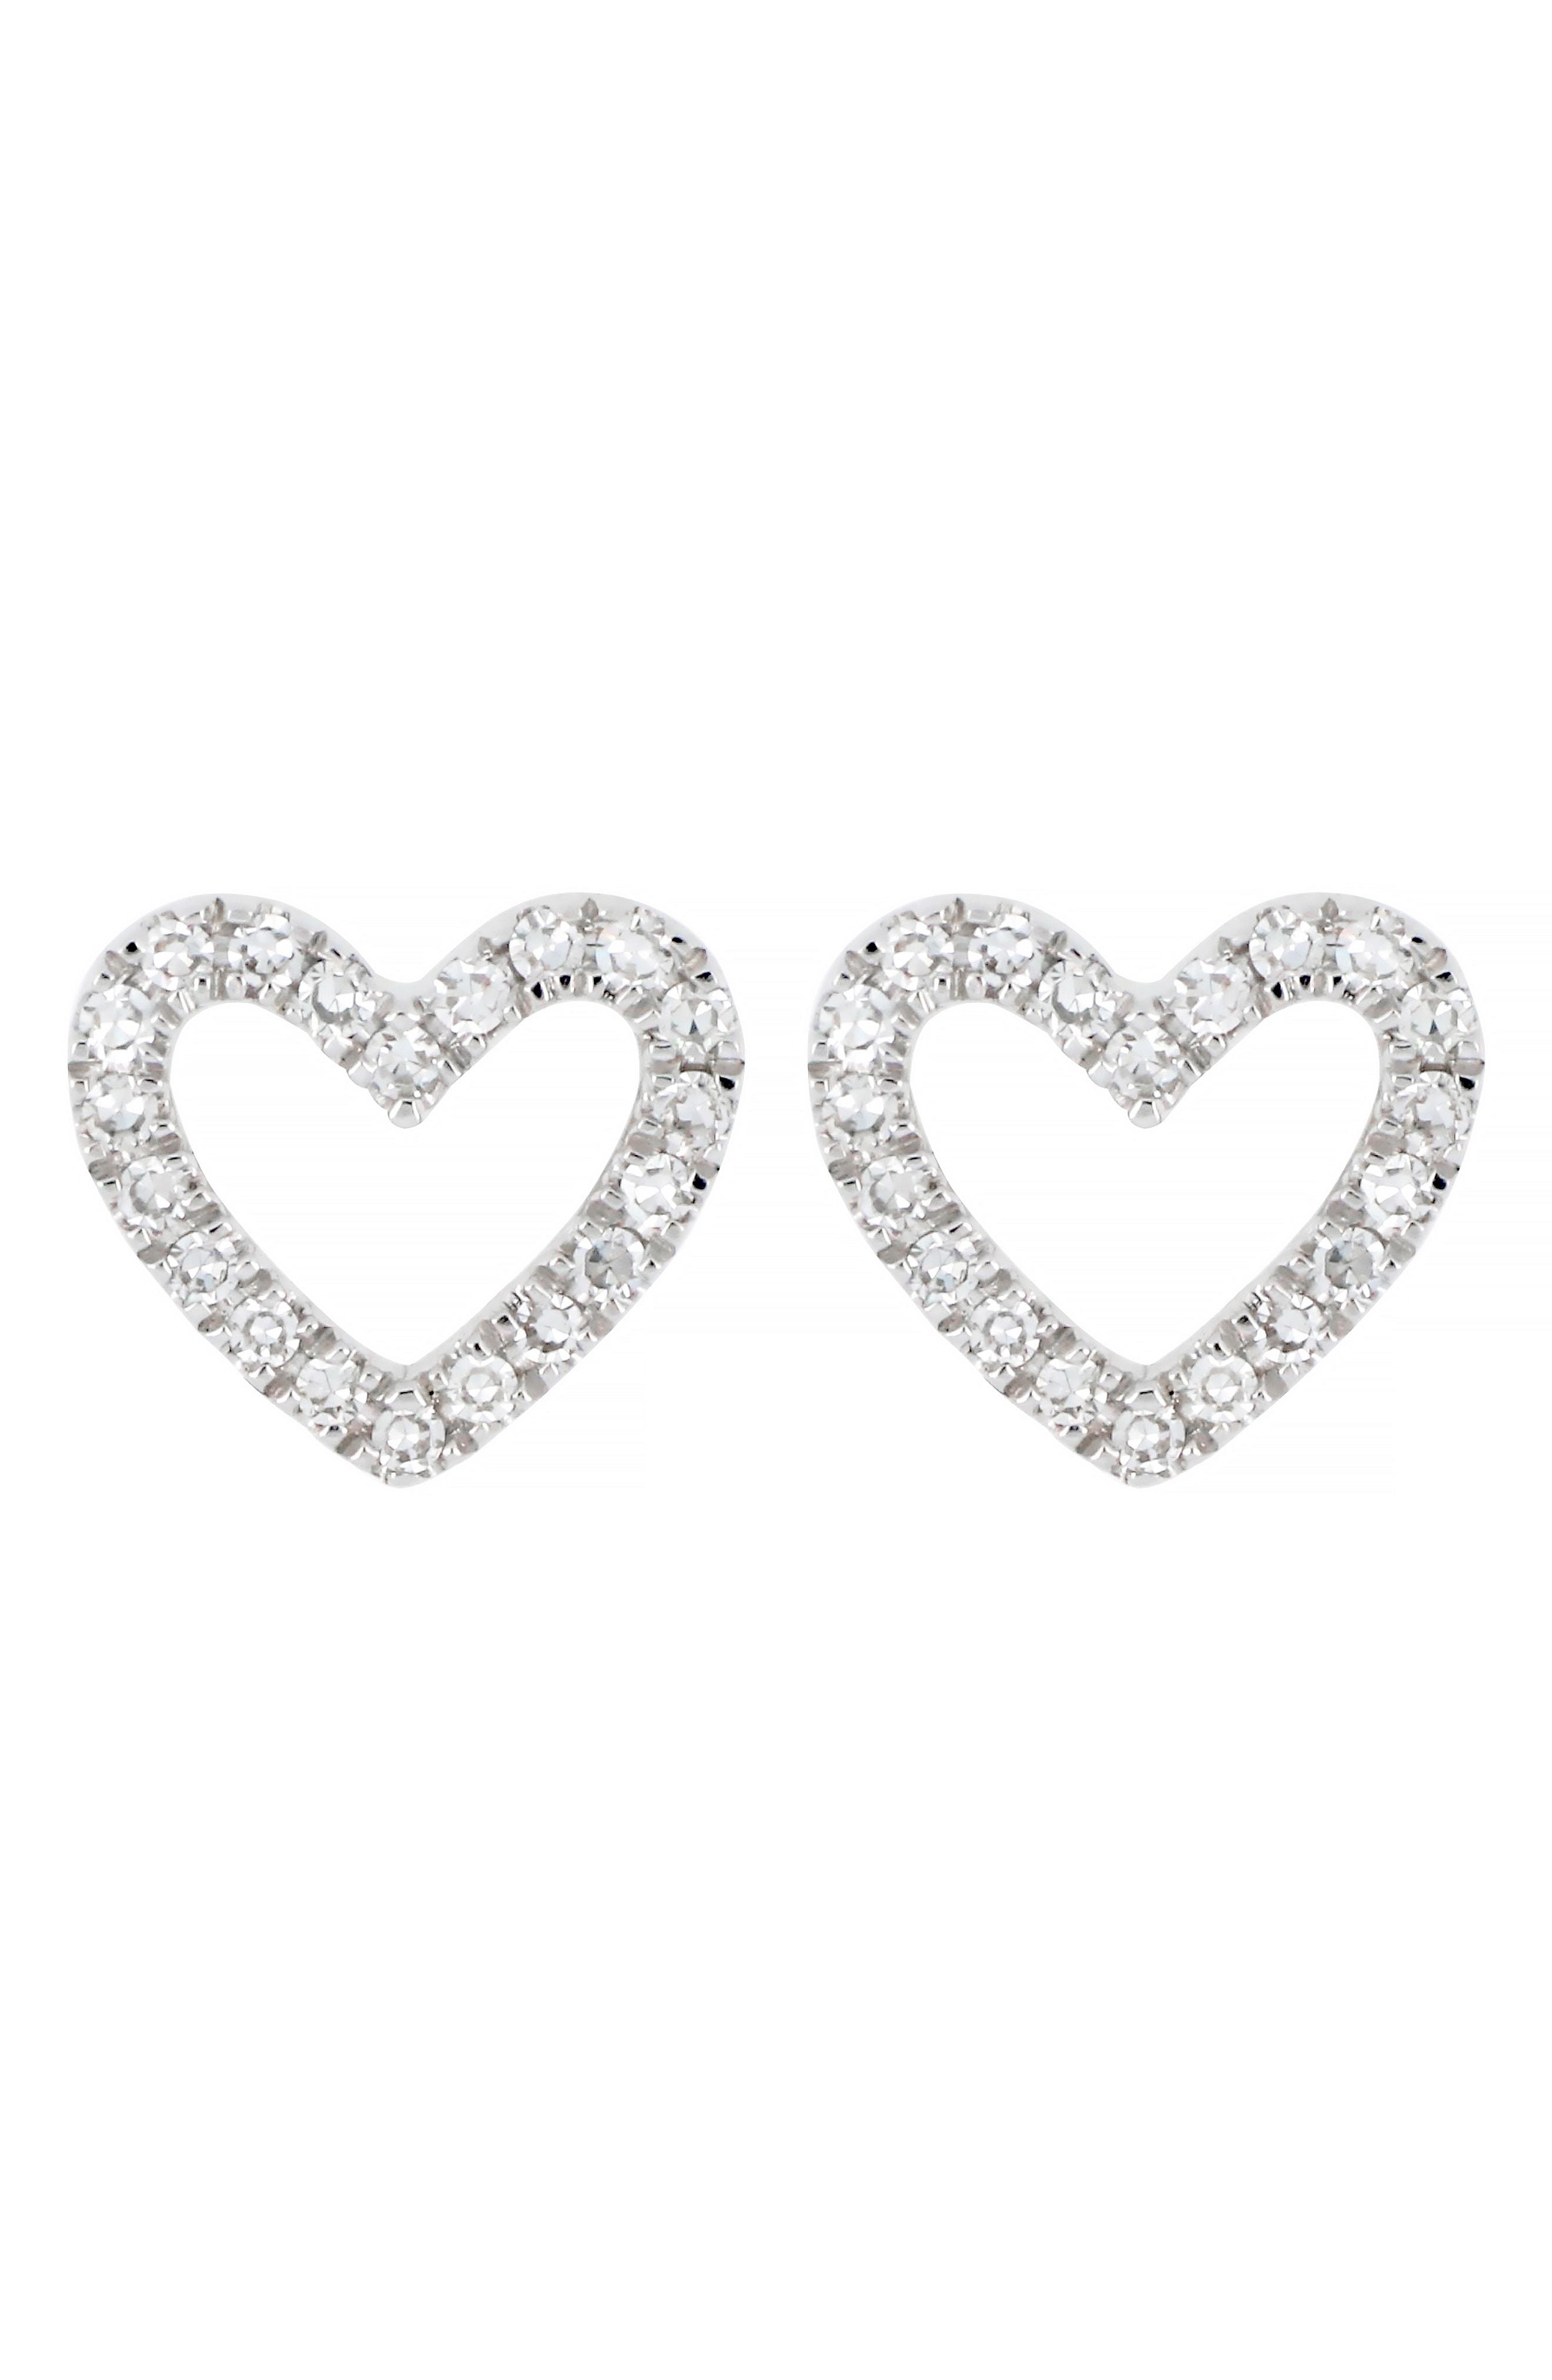 72e28f393 CARRIERE JEWELRY. Women's Metallic Carriere Open Diamond Heart Stud Earrings  ...